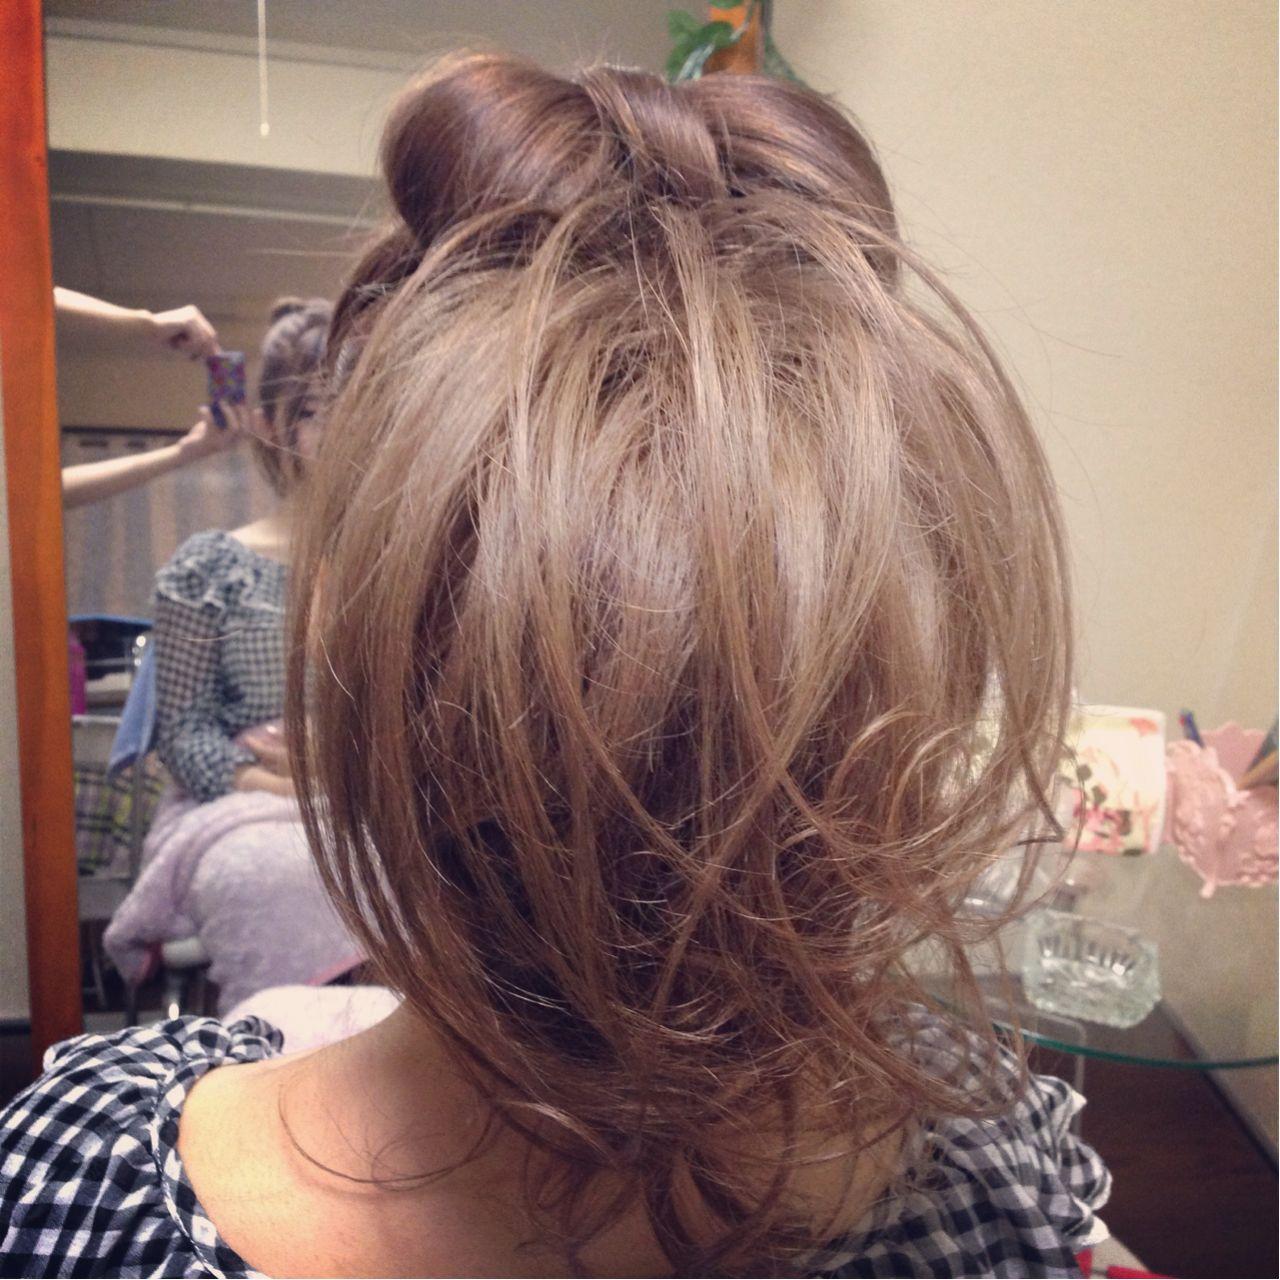 ガーリー 渋谷系 ヘアアレンジ モテ髪 ヘアスタイルや髪型の写真・画像 | CHARMER / CHARMER